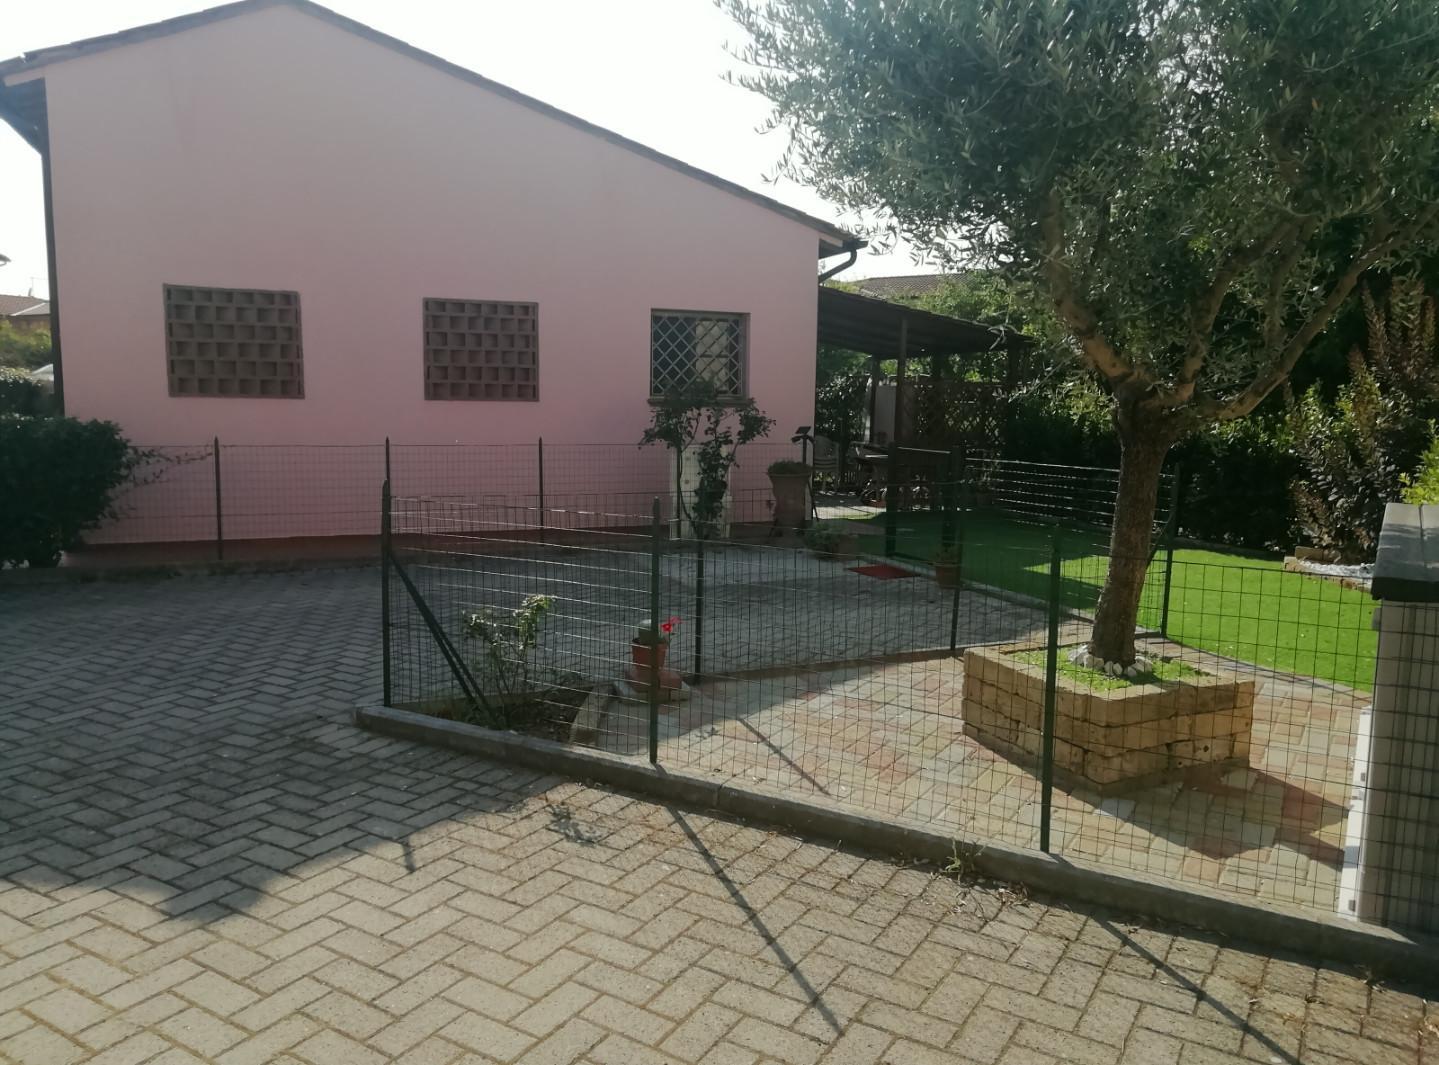 Villetta bifamiliare in affitto, rif. X255a